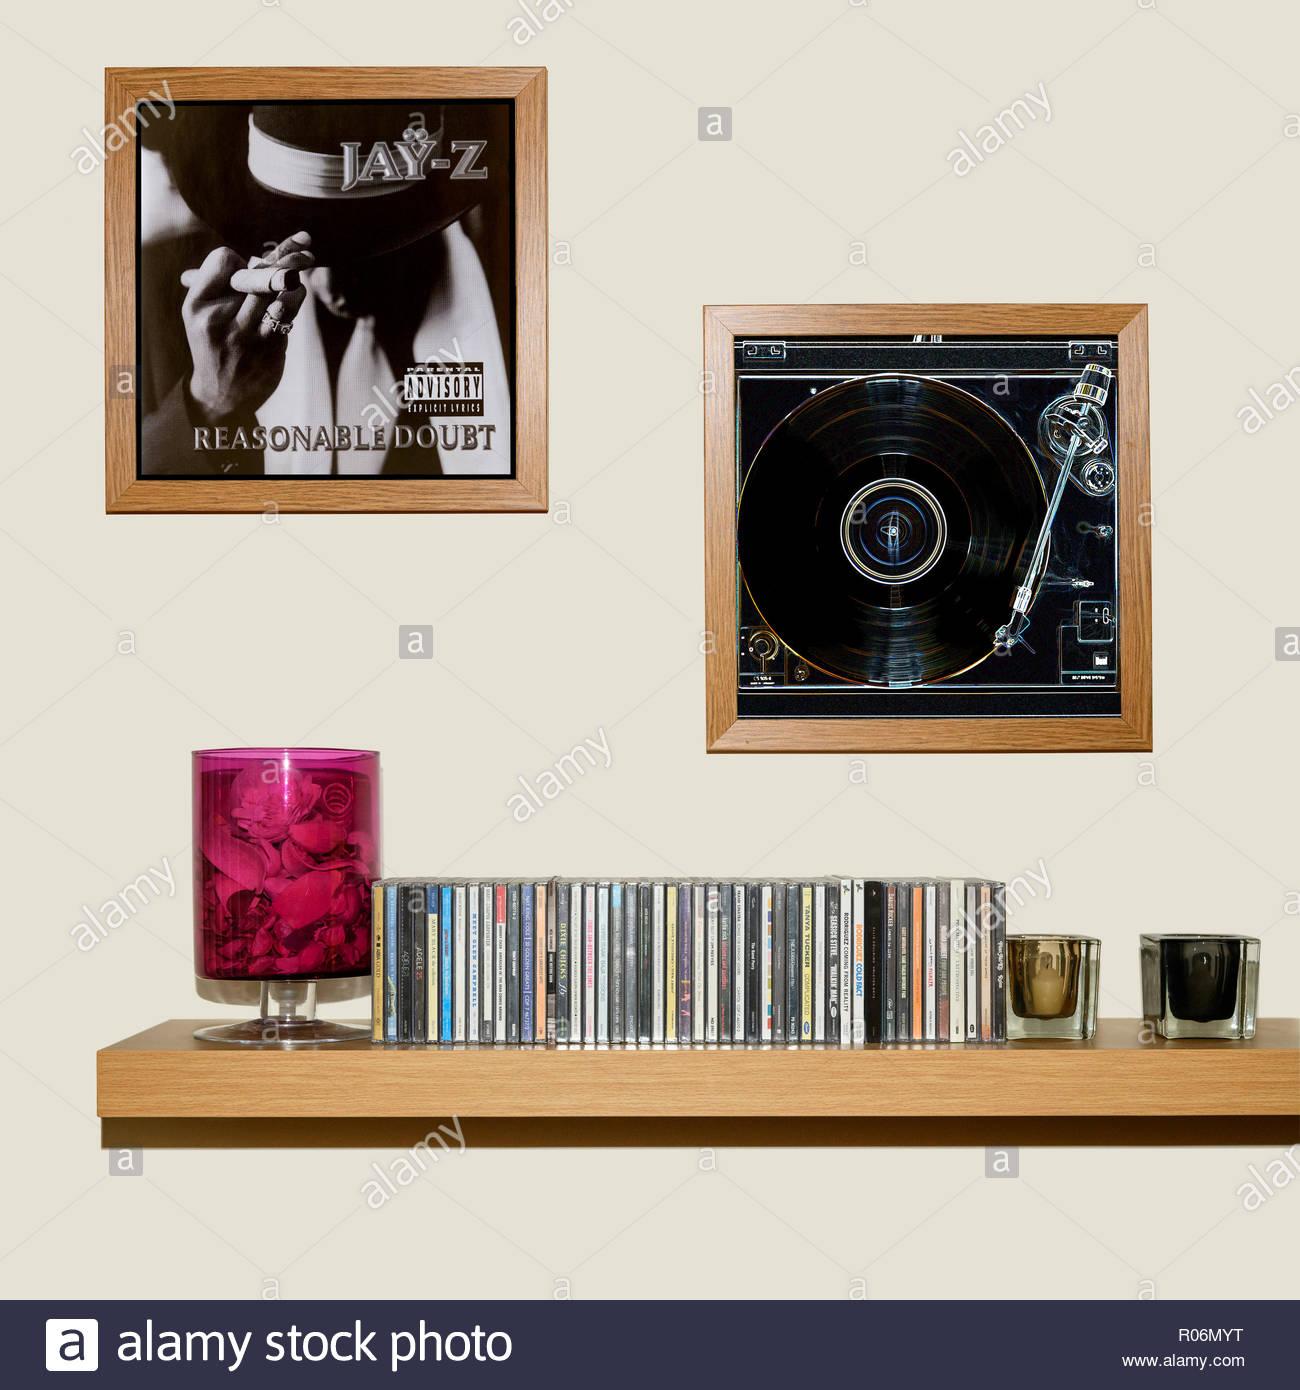 Raccolta di CD e incorniciato Jay Z 1996 album di debutto di ragionevole dubbio., Inghilterra Immagini Stock